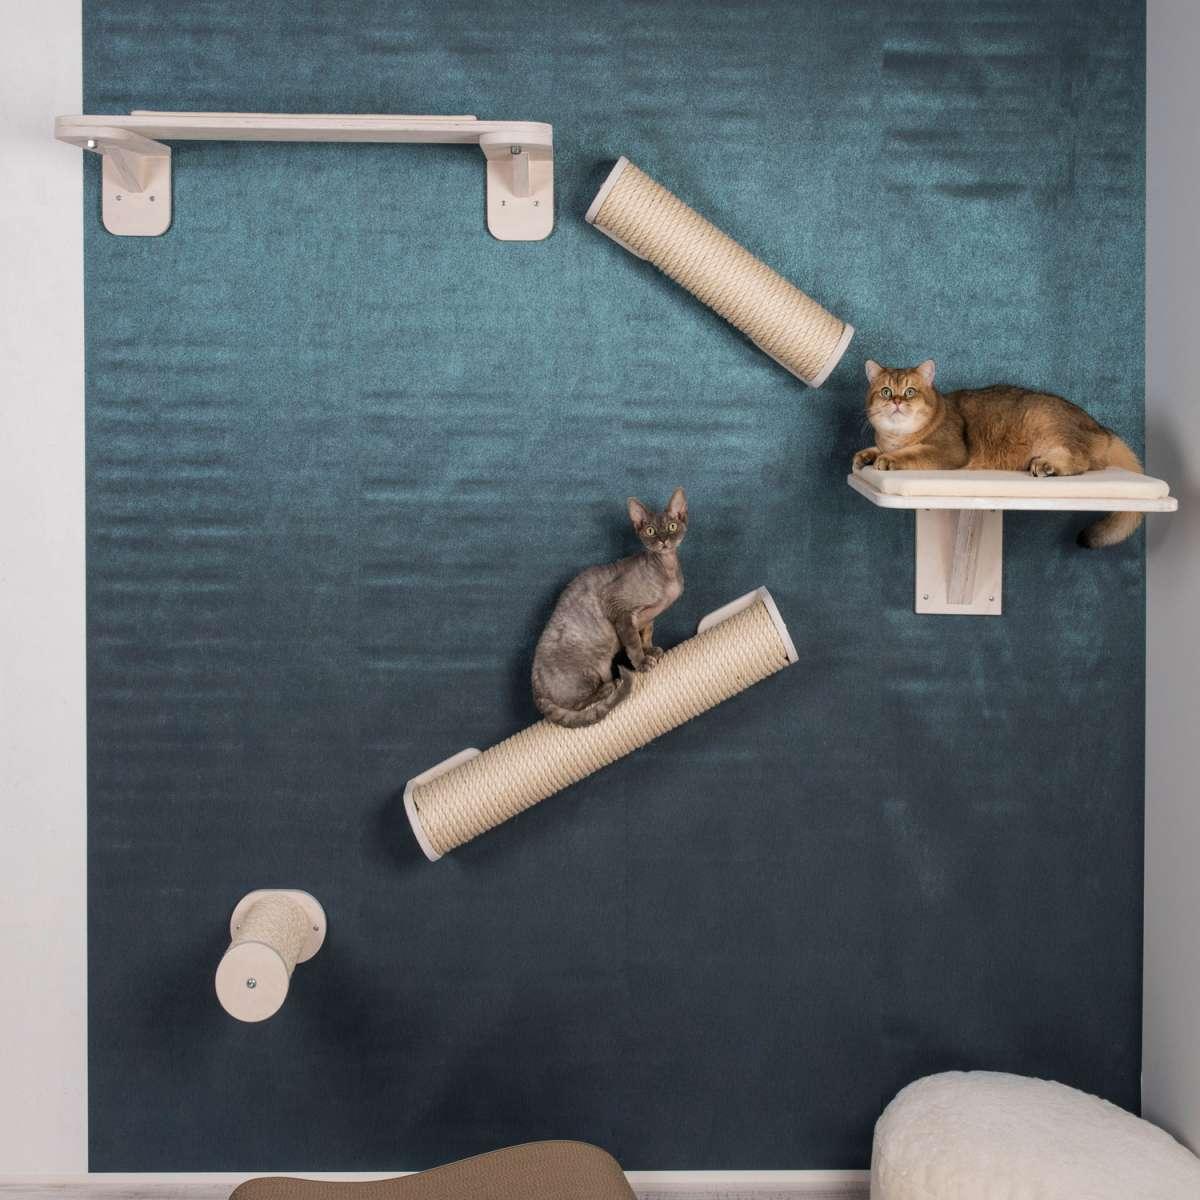 представлена двумя дизайн комнаты для кошек фото центре площади огромный